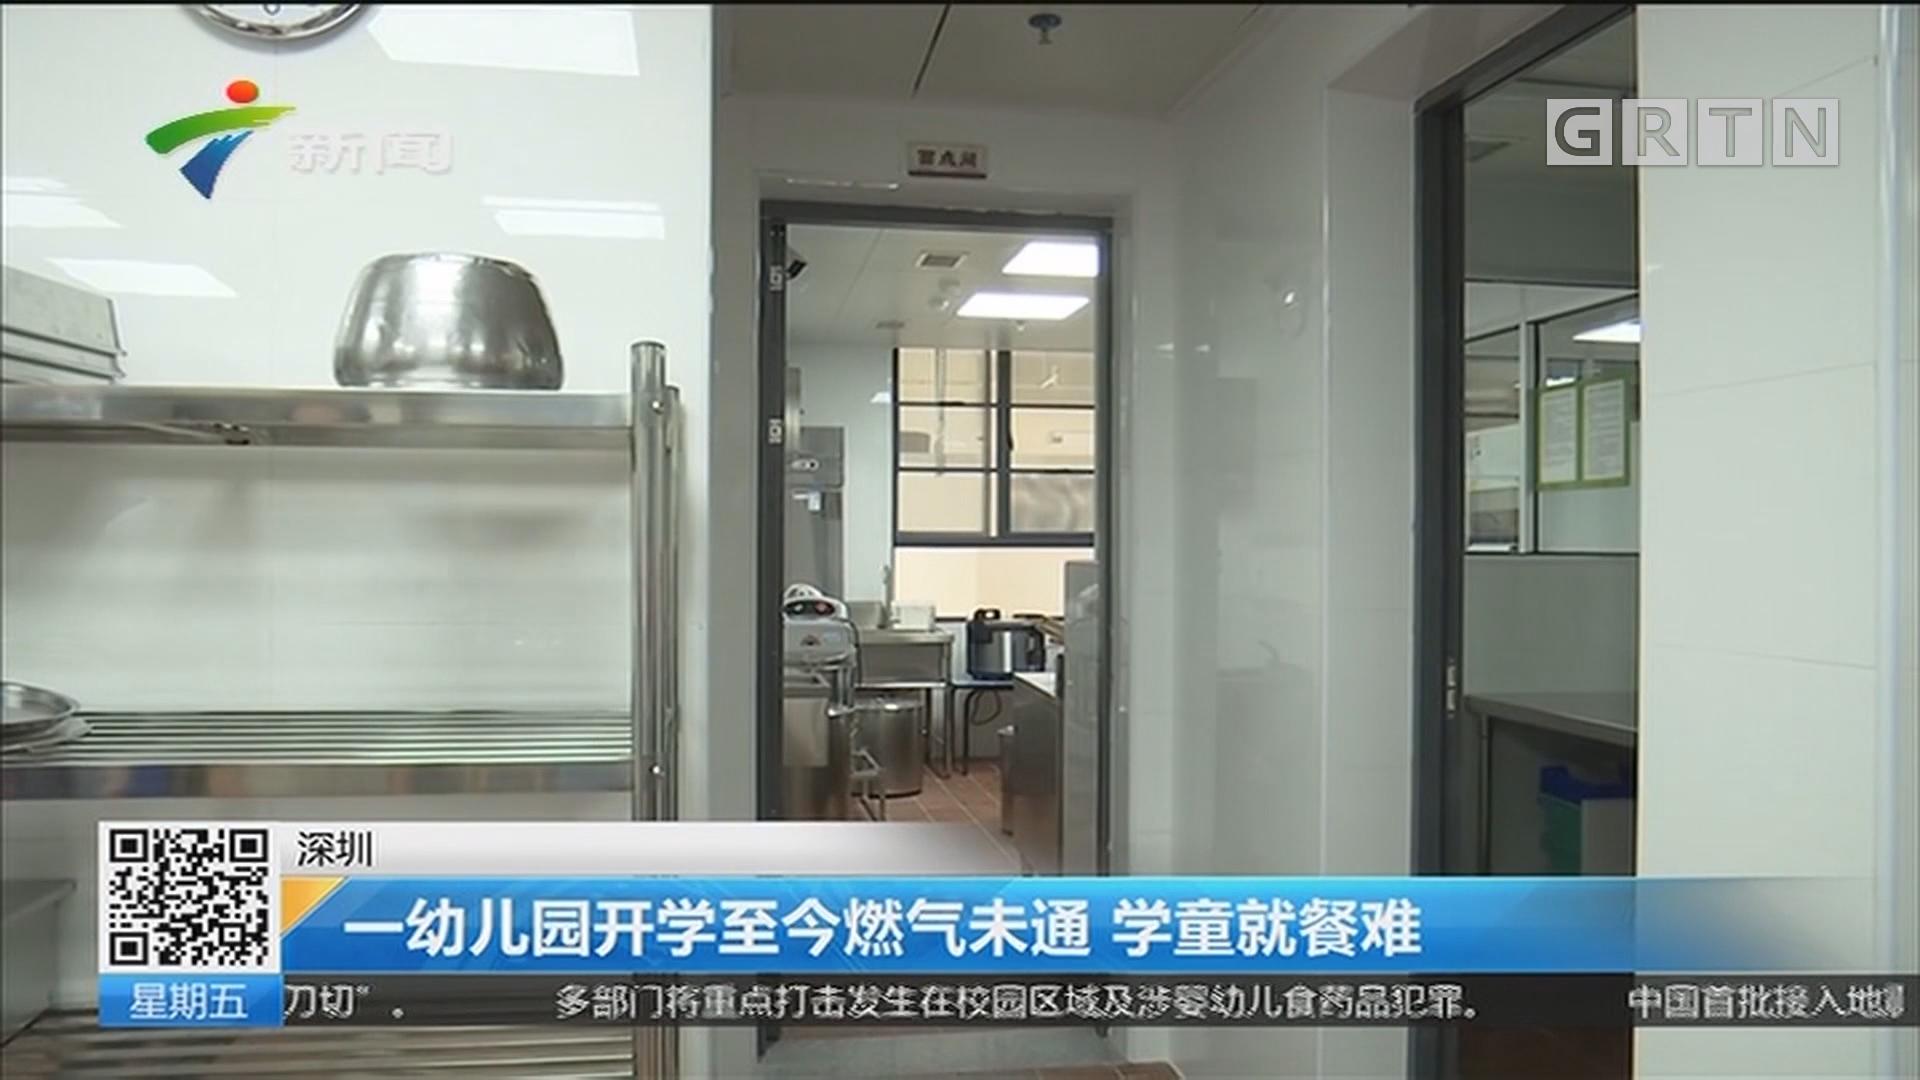 深圳:一幼儿园开学至今燃气未通 学童就餐难